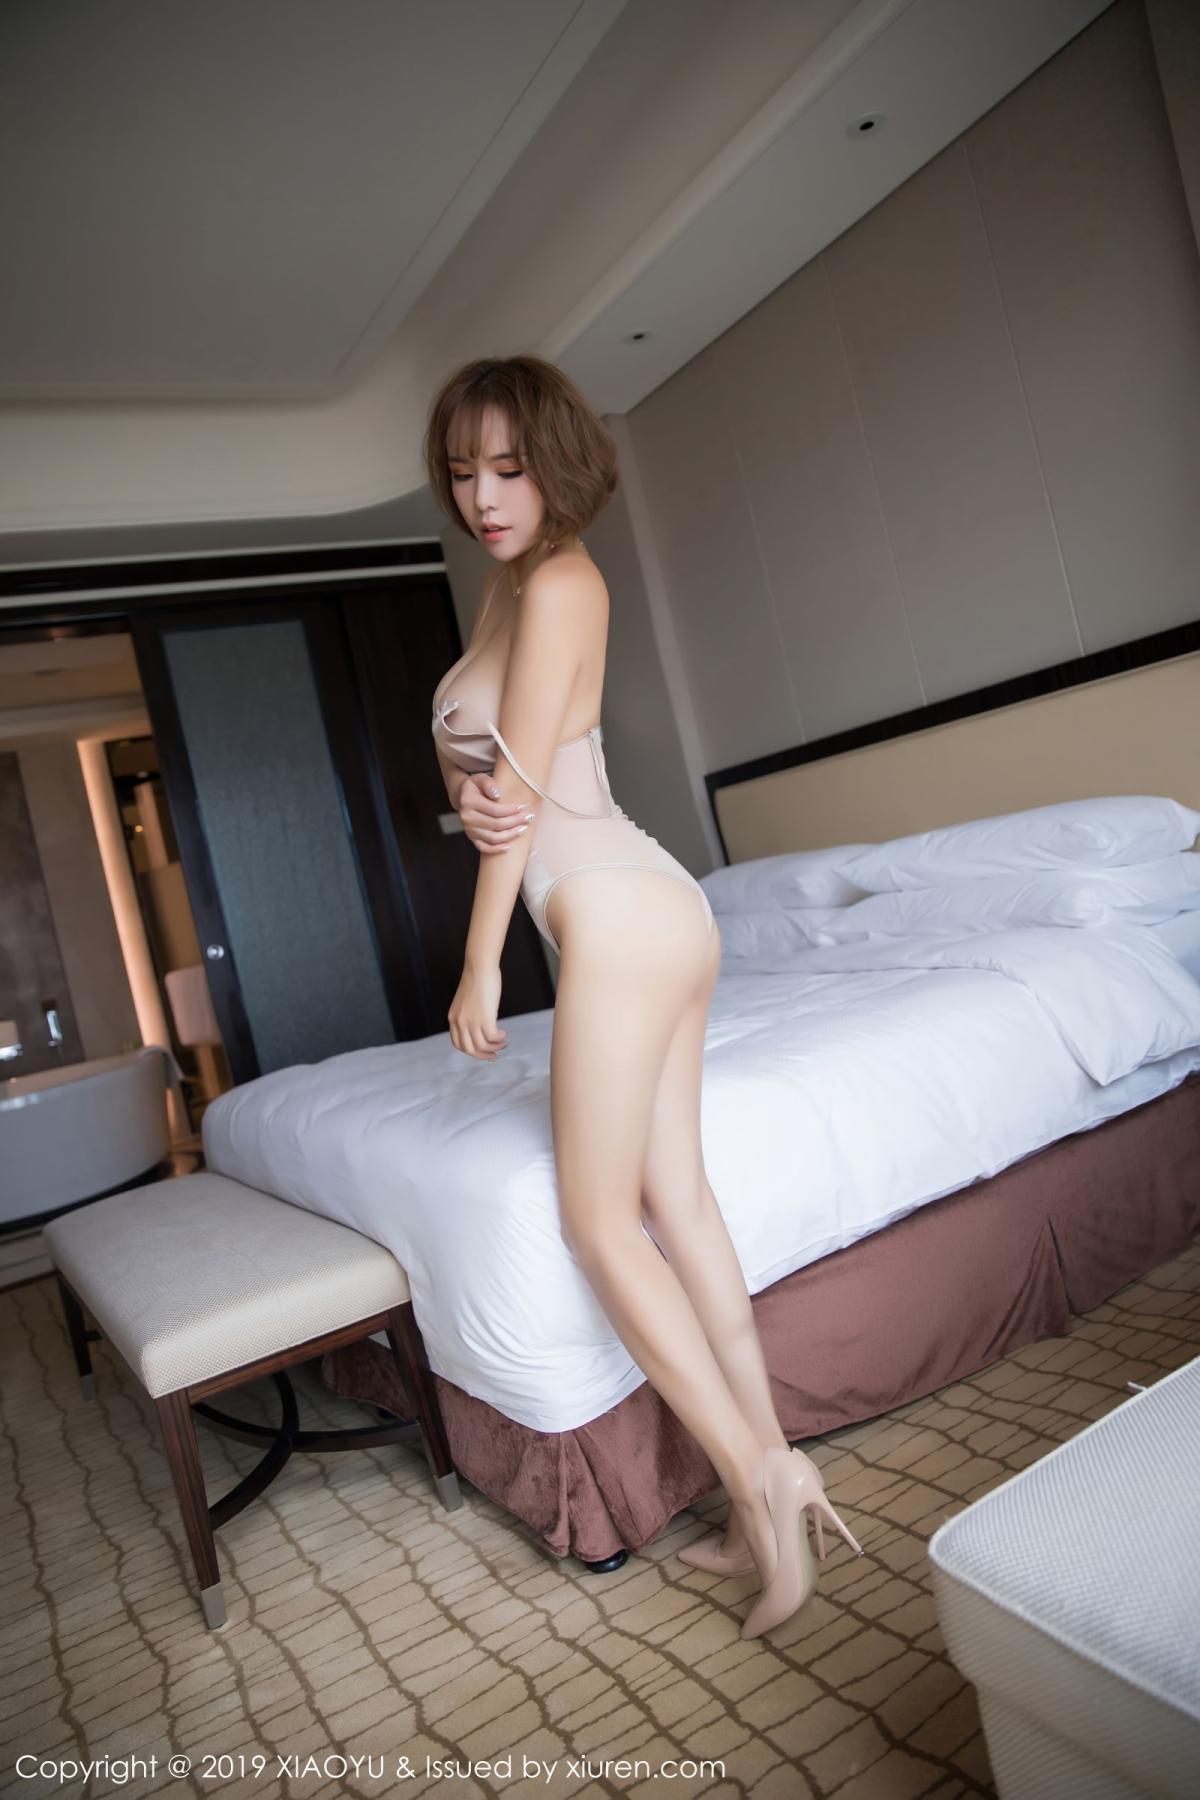 [XiaoYu] Vol.015 Chen Ya Wen 15P, Chen Ya Wen, Sexy, XiaoYu